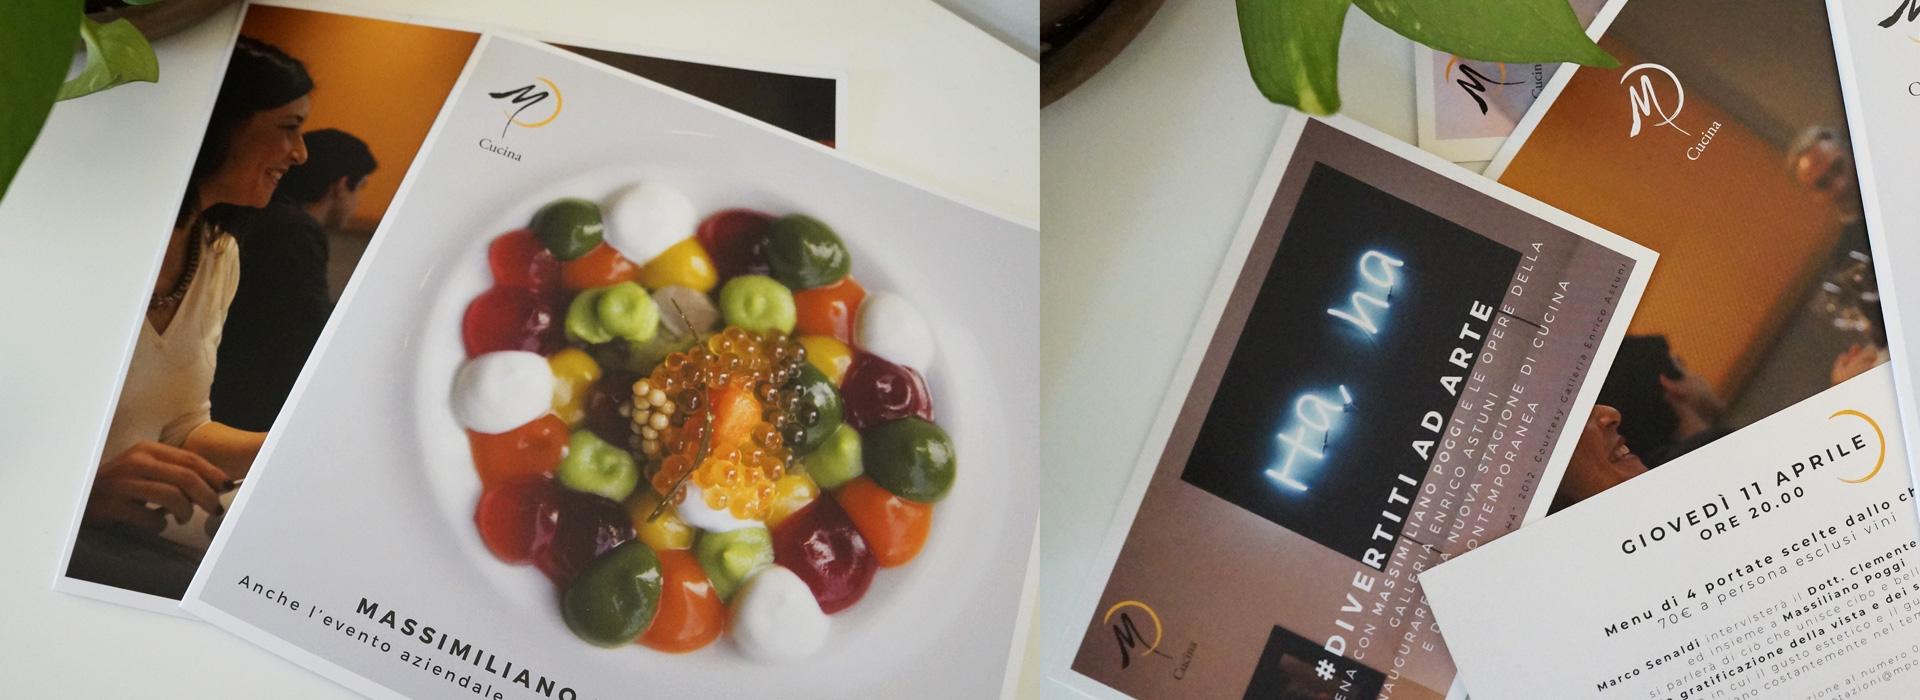 MP Cucina